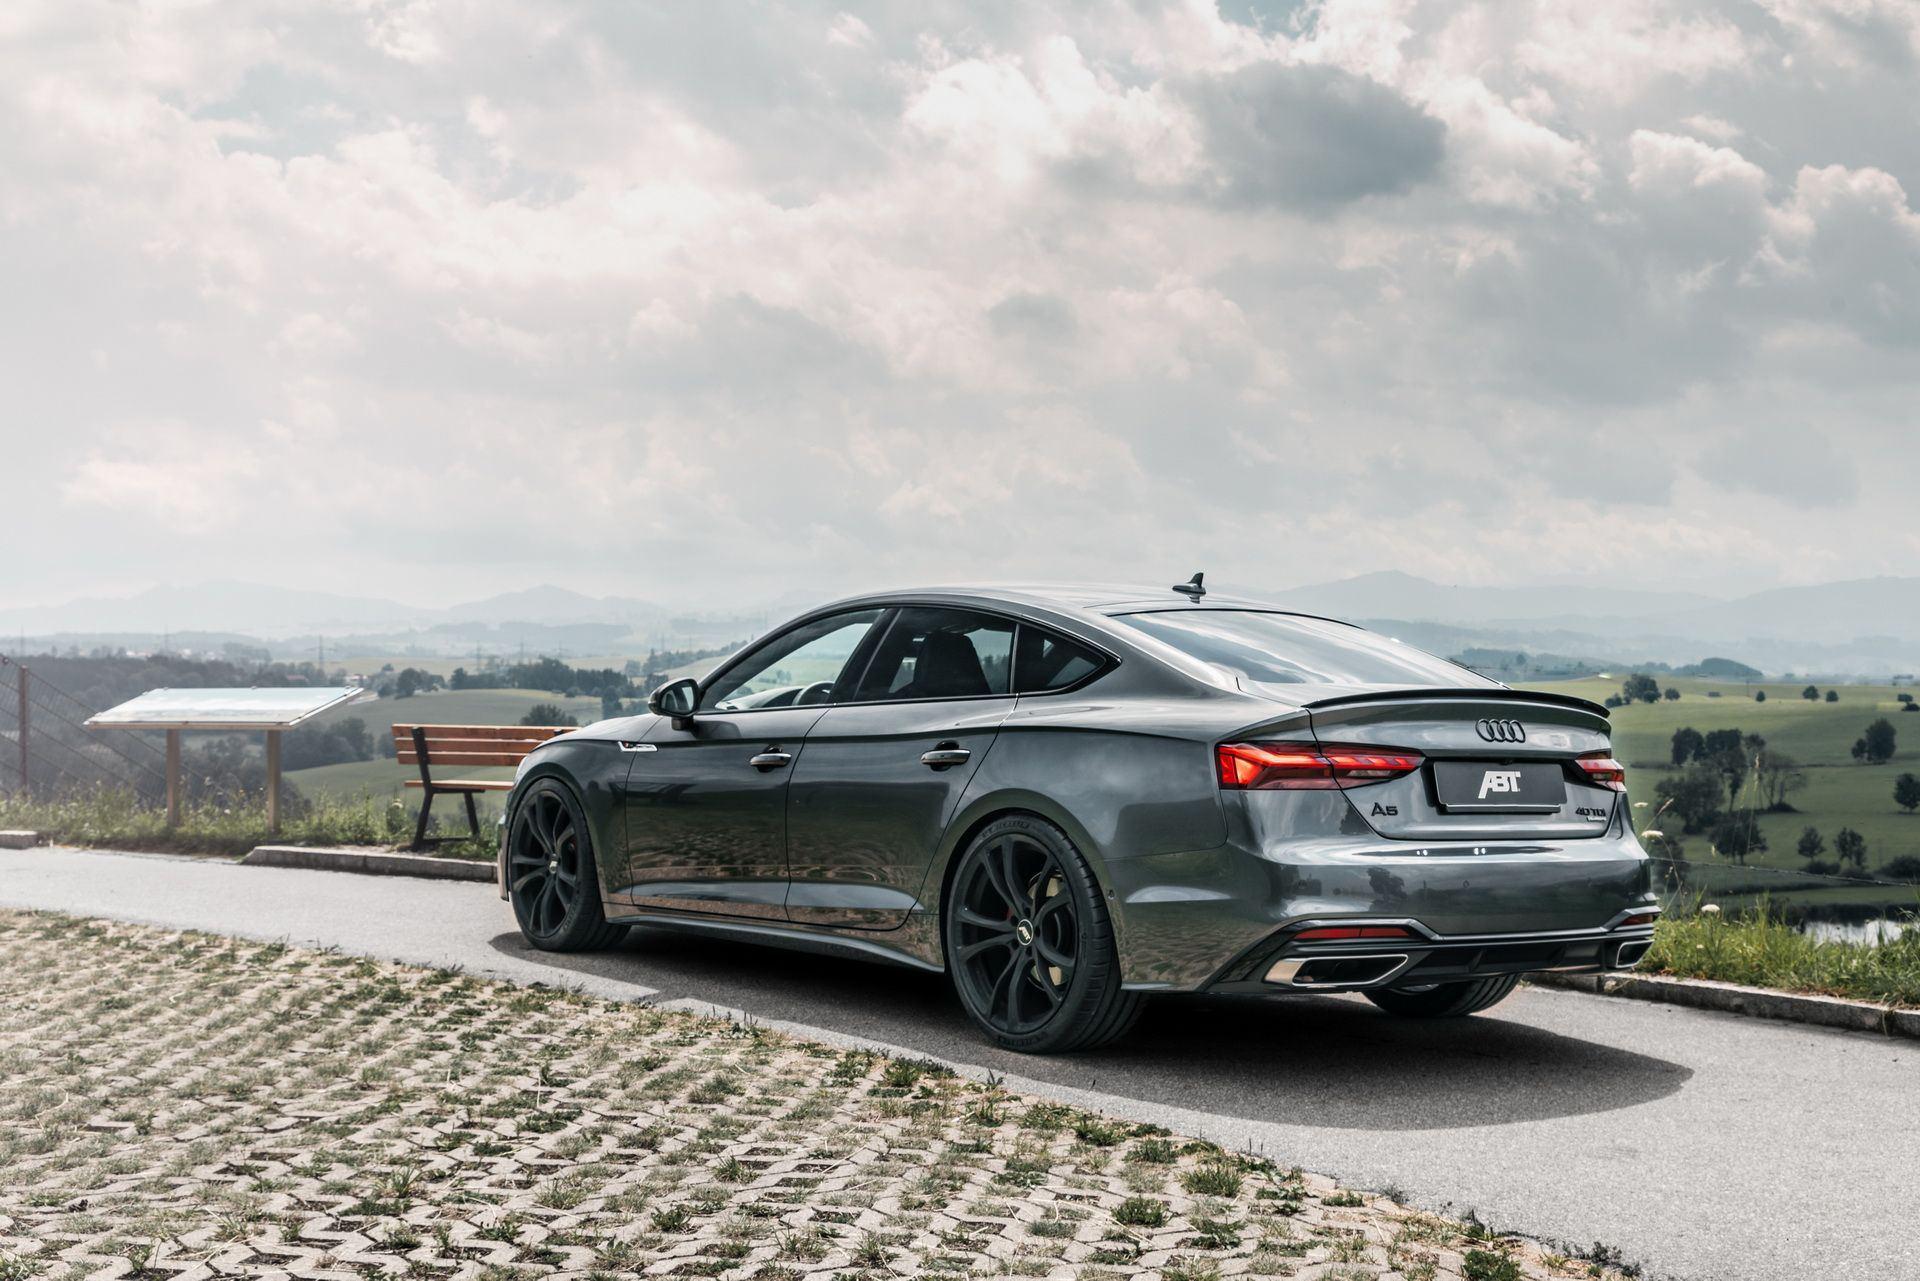 Audi_A5-Sportback_ABT_0004